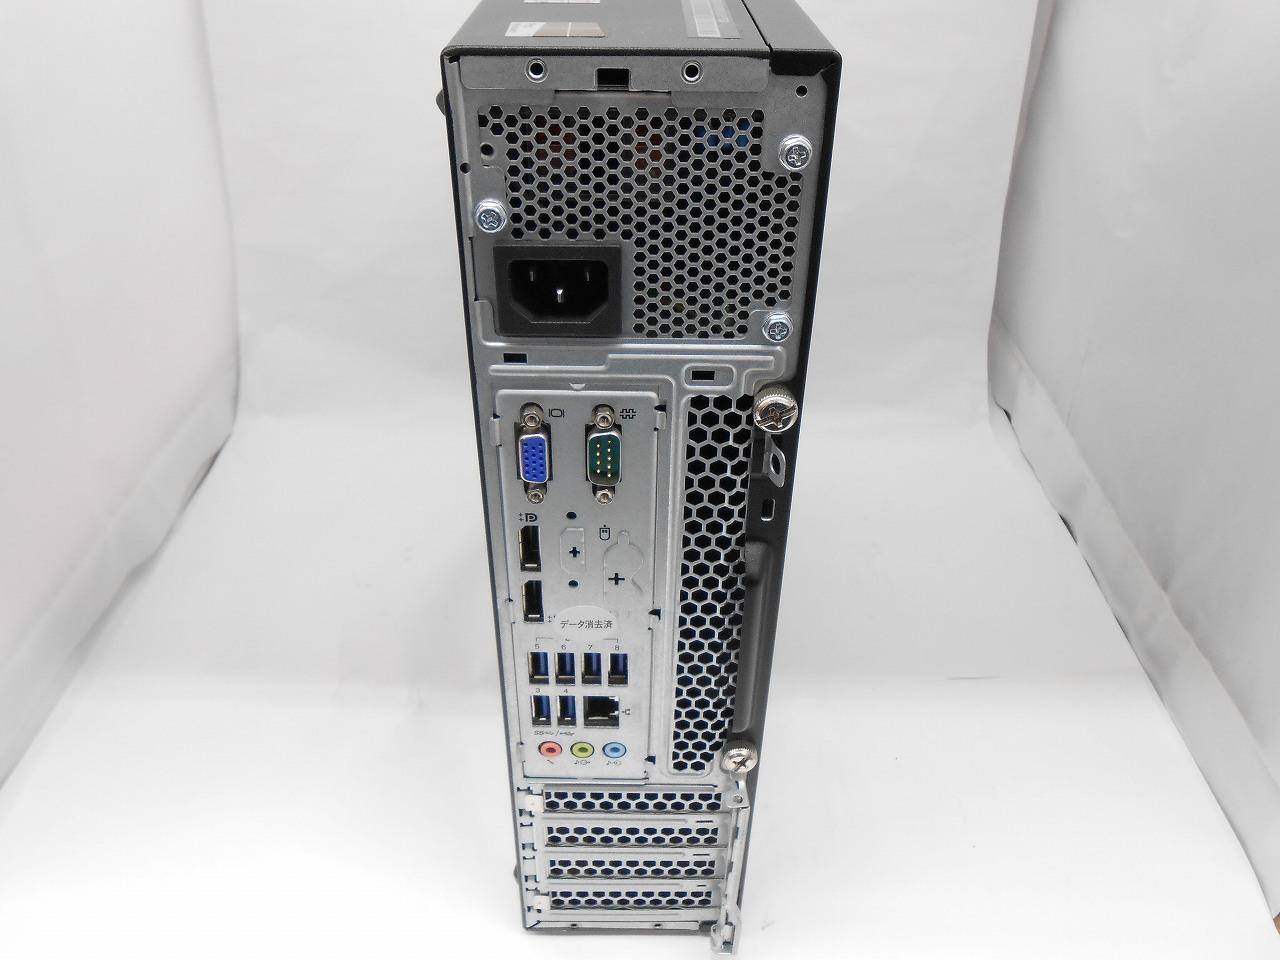 【テレワーク応援】【WPSOffice付】【中古】Lenovo ThinkCentre M900/2015年モデル/Corei5 6500 3.2GHz/メモリ4GB/HDD500GB/Windows10Home【3ヶ月保証】【足立店発送】